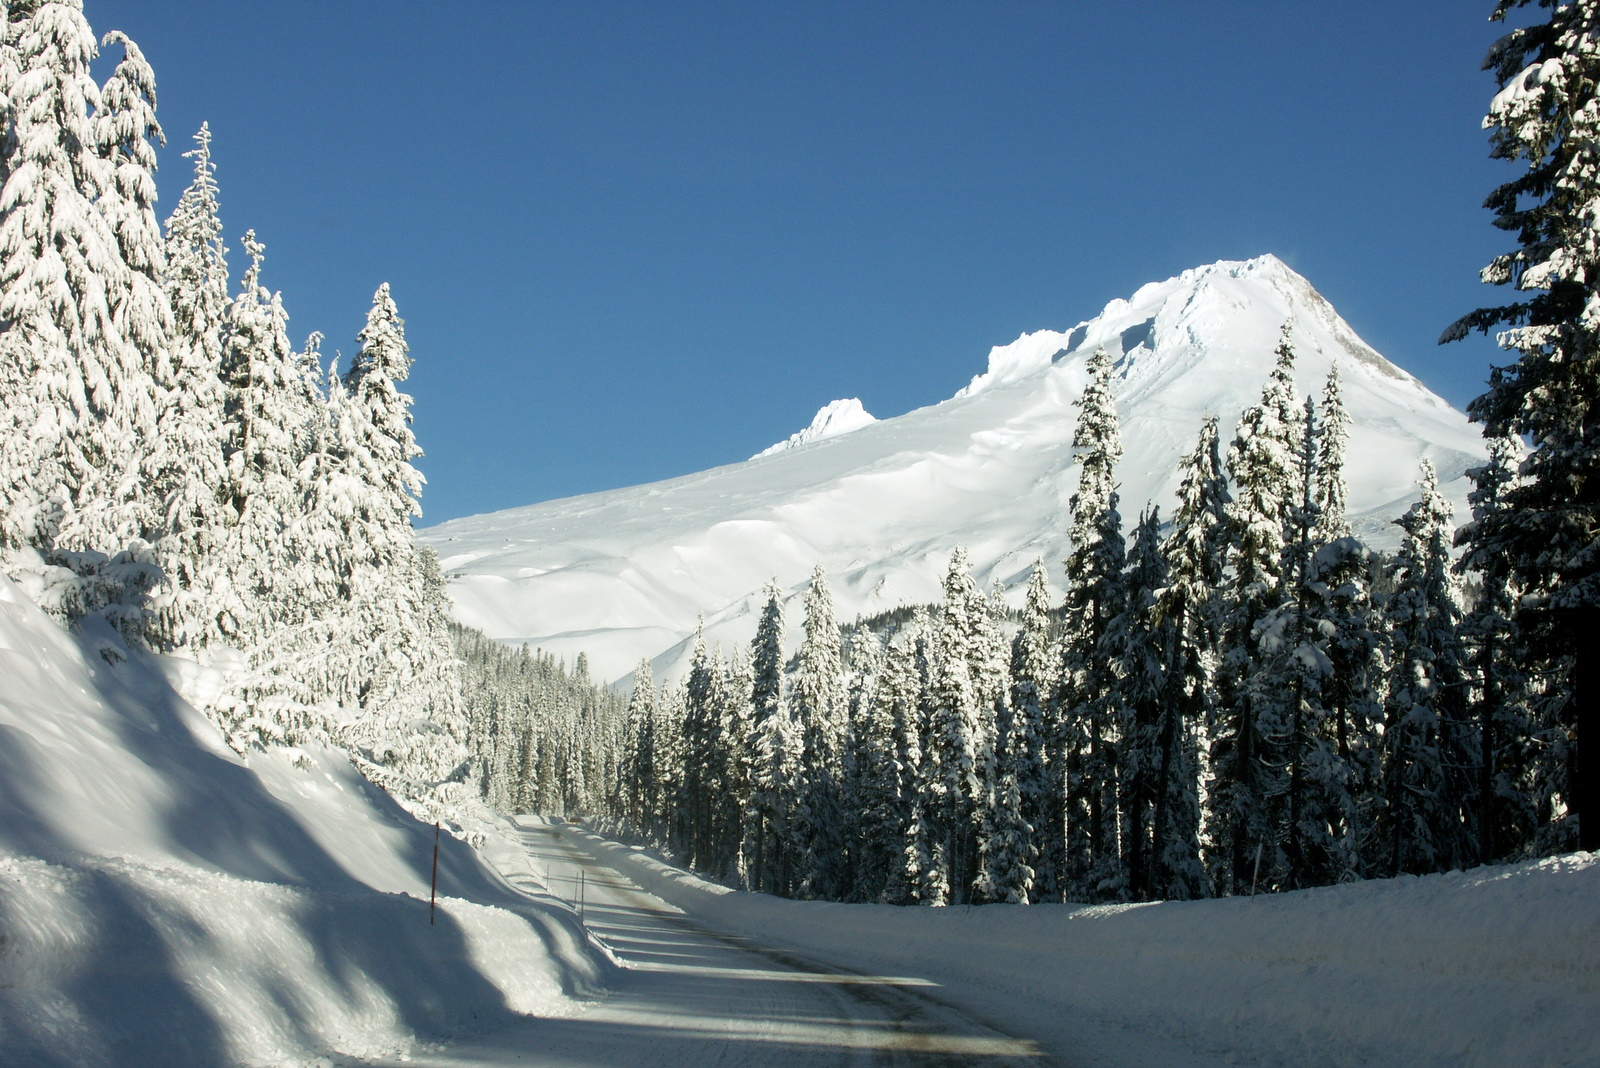 road to Meadows, Mt Hood Meadows